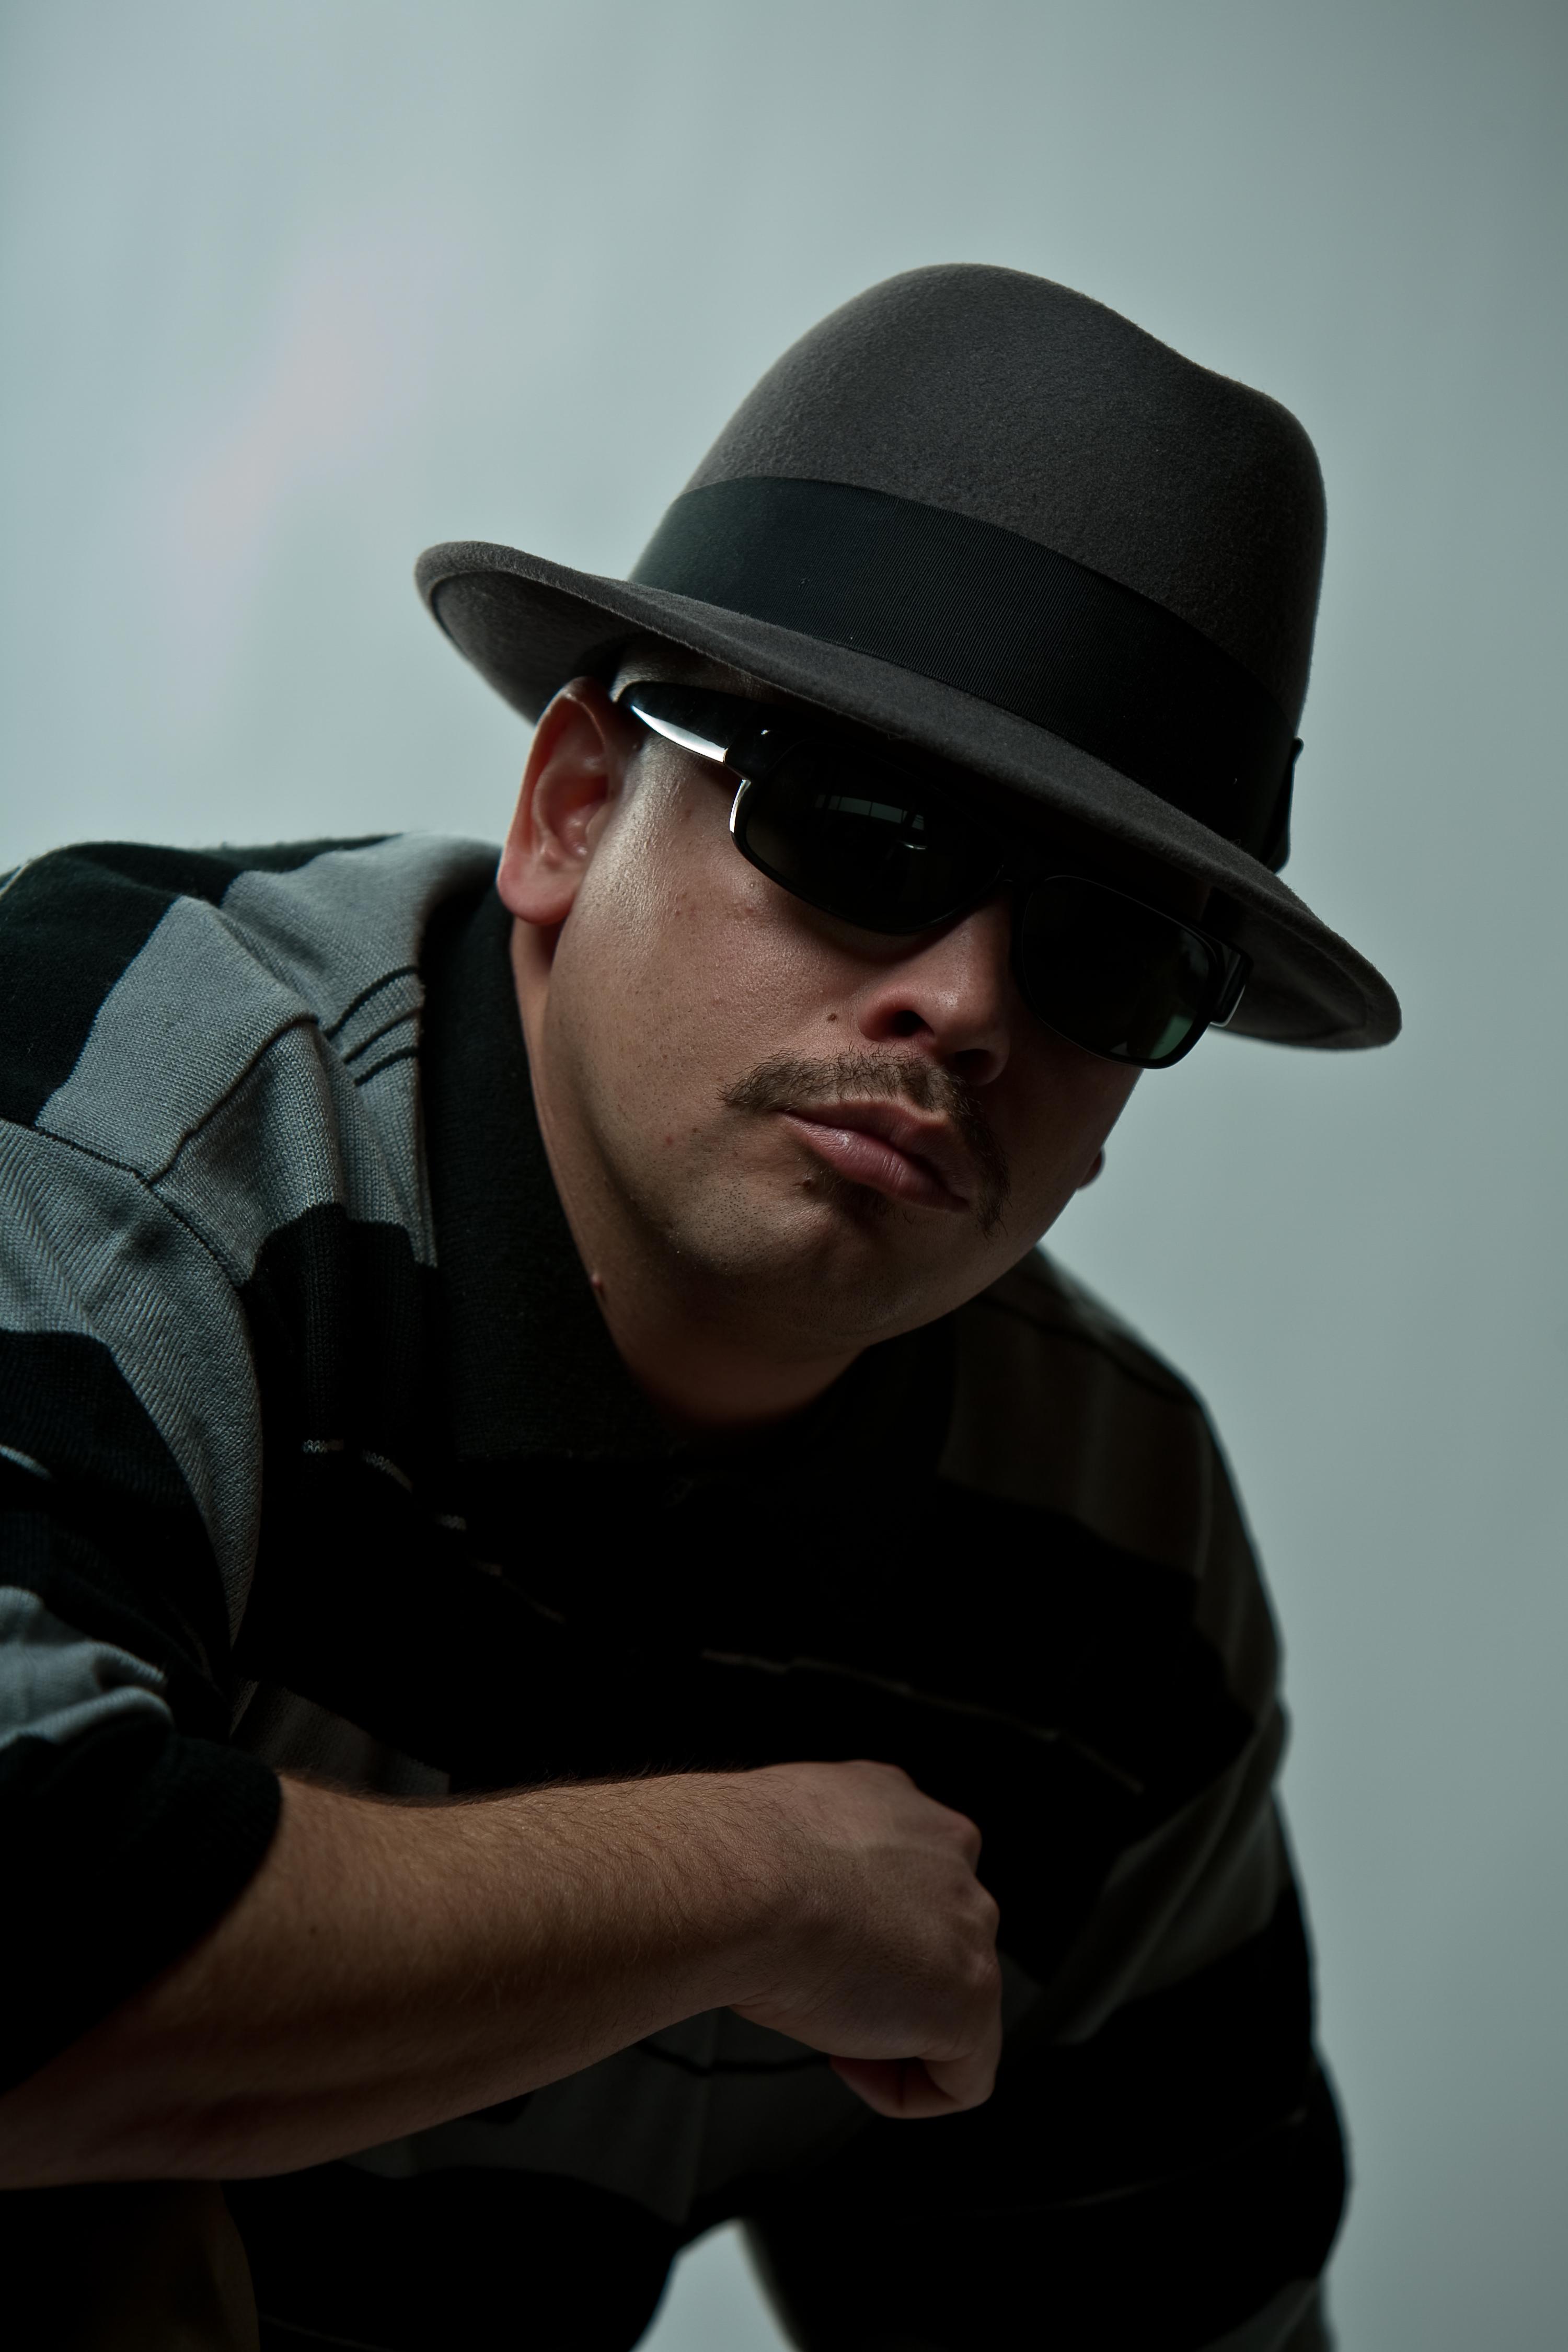 Serio (rapper) - Wikipedia